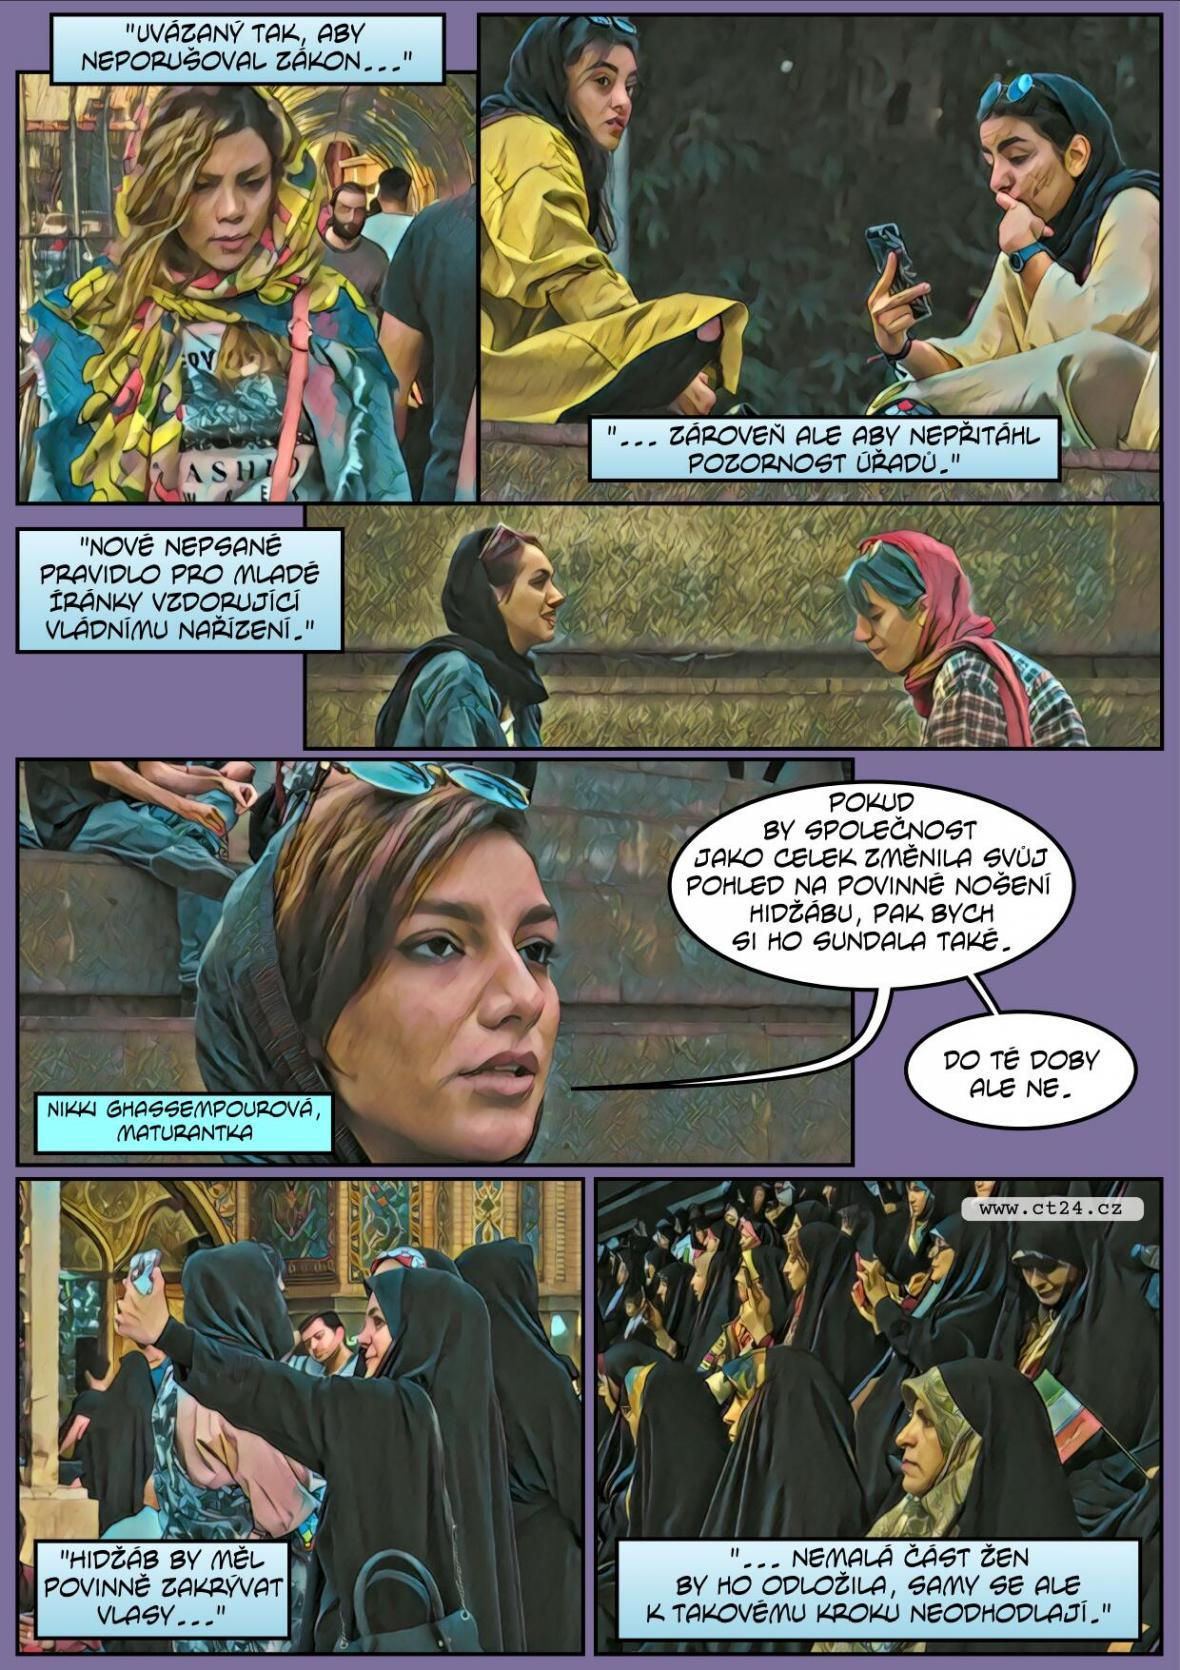 Mládé Íránky vzdorují režimu a odkládají hidžáby